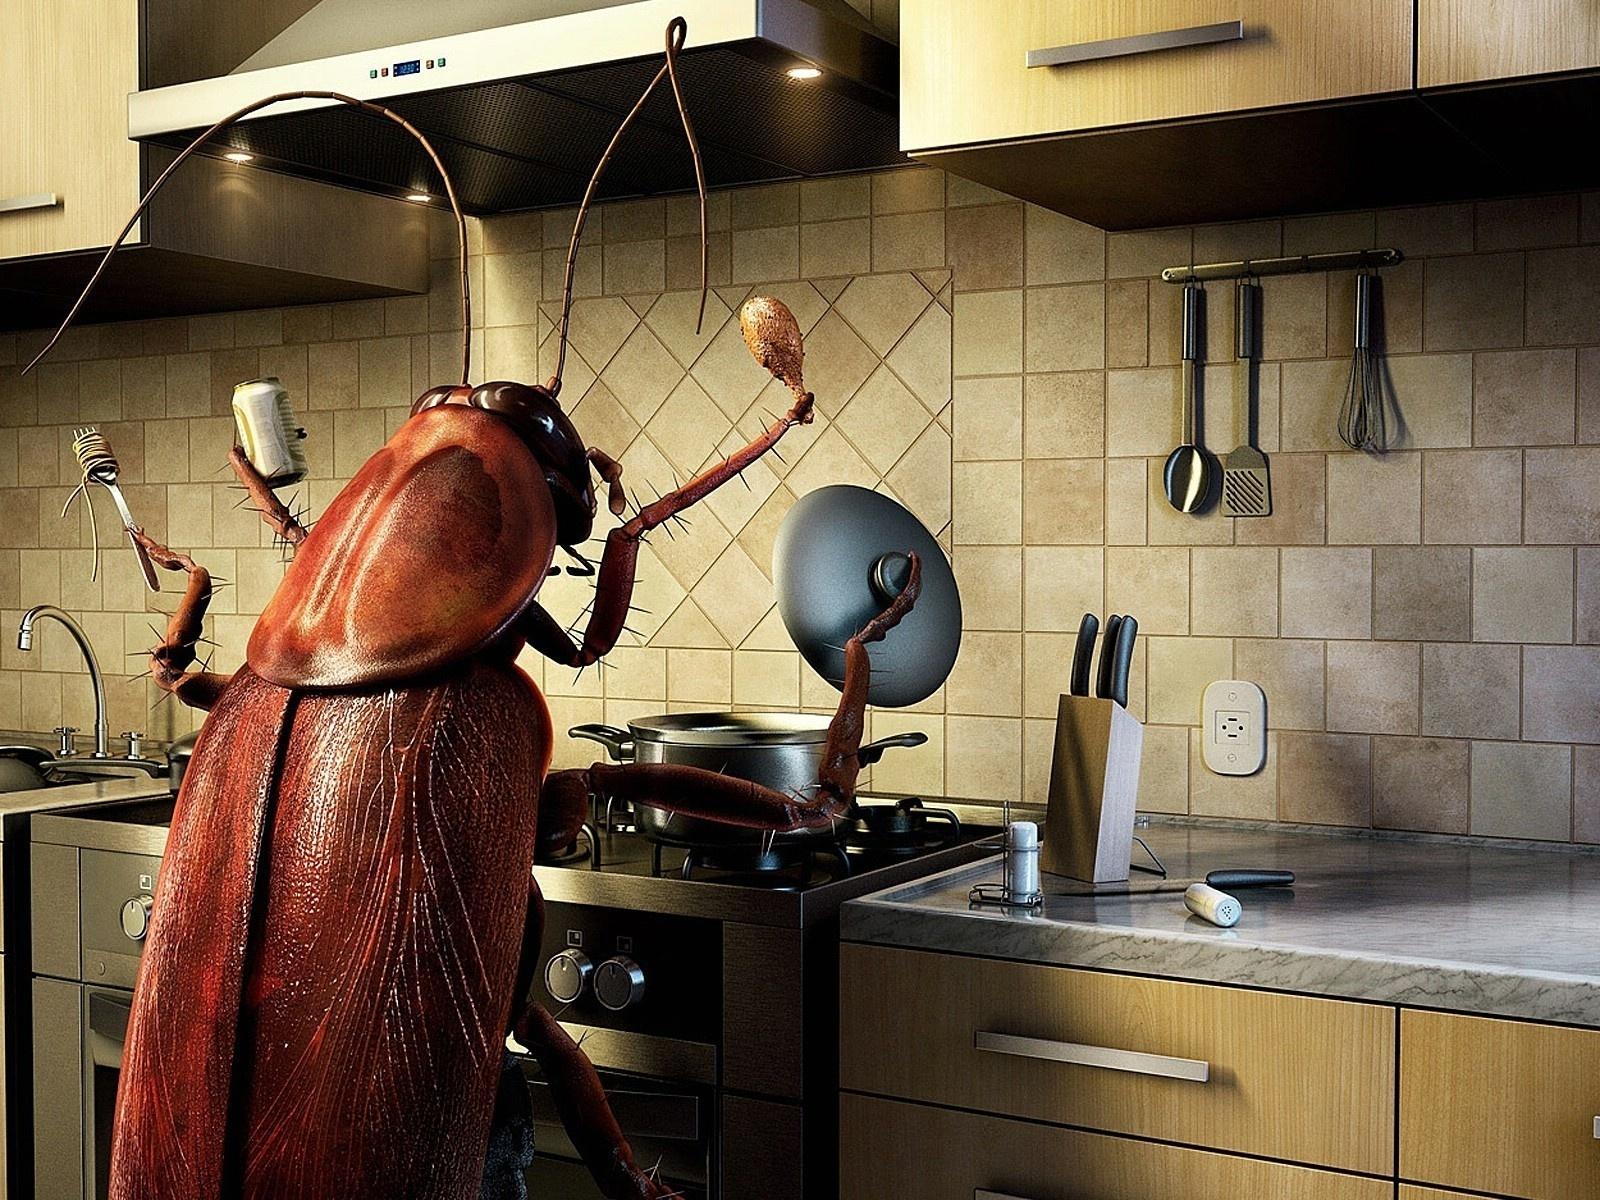 Тараканы: чем питаются, особенности ротового аппарата, что едят в квартире и сколько живут без еды русский фермер